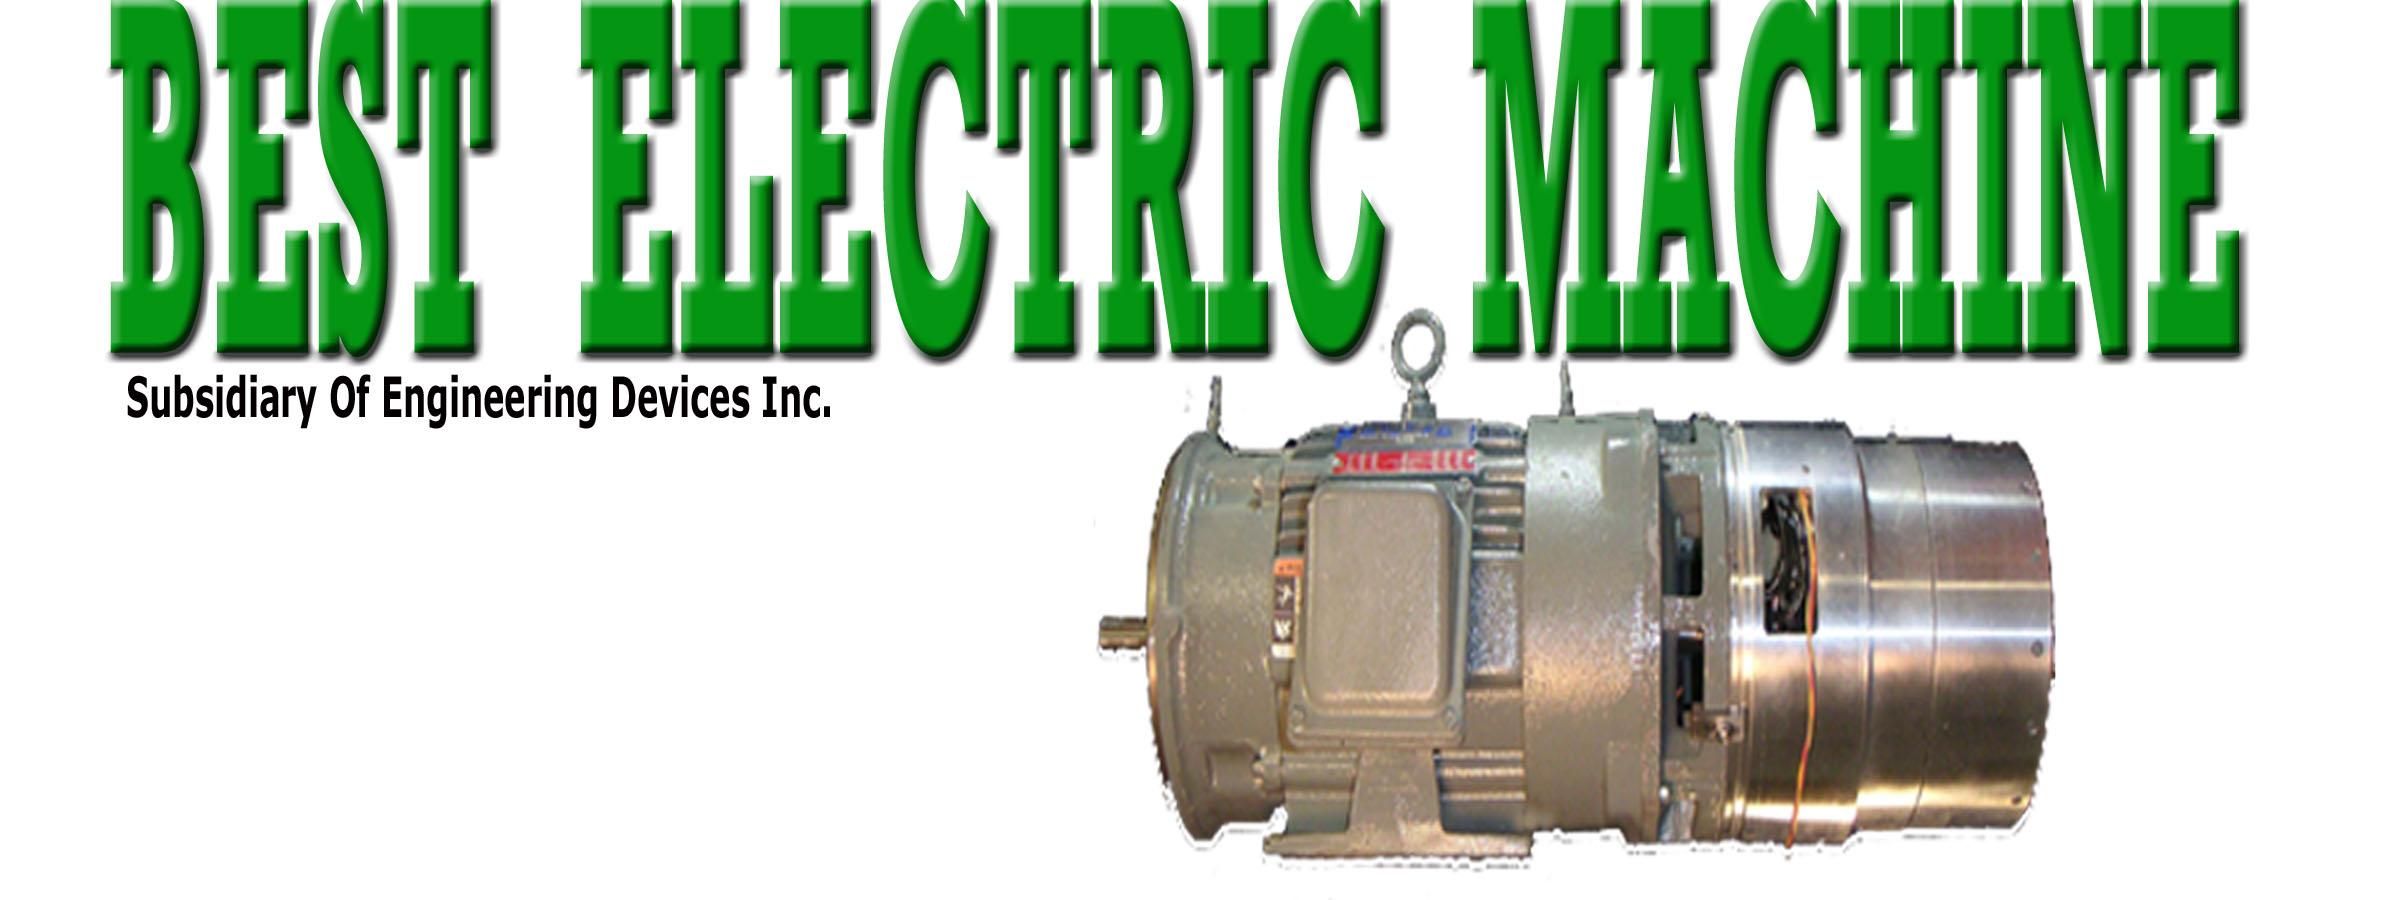 Best Electric Machine